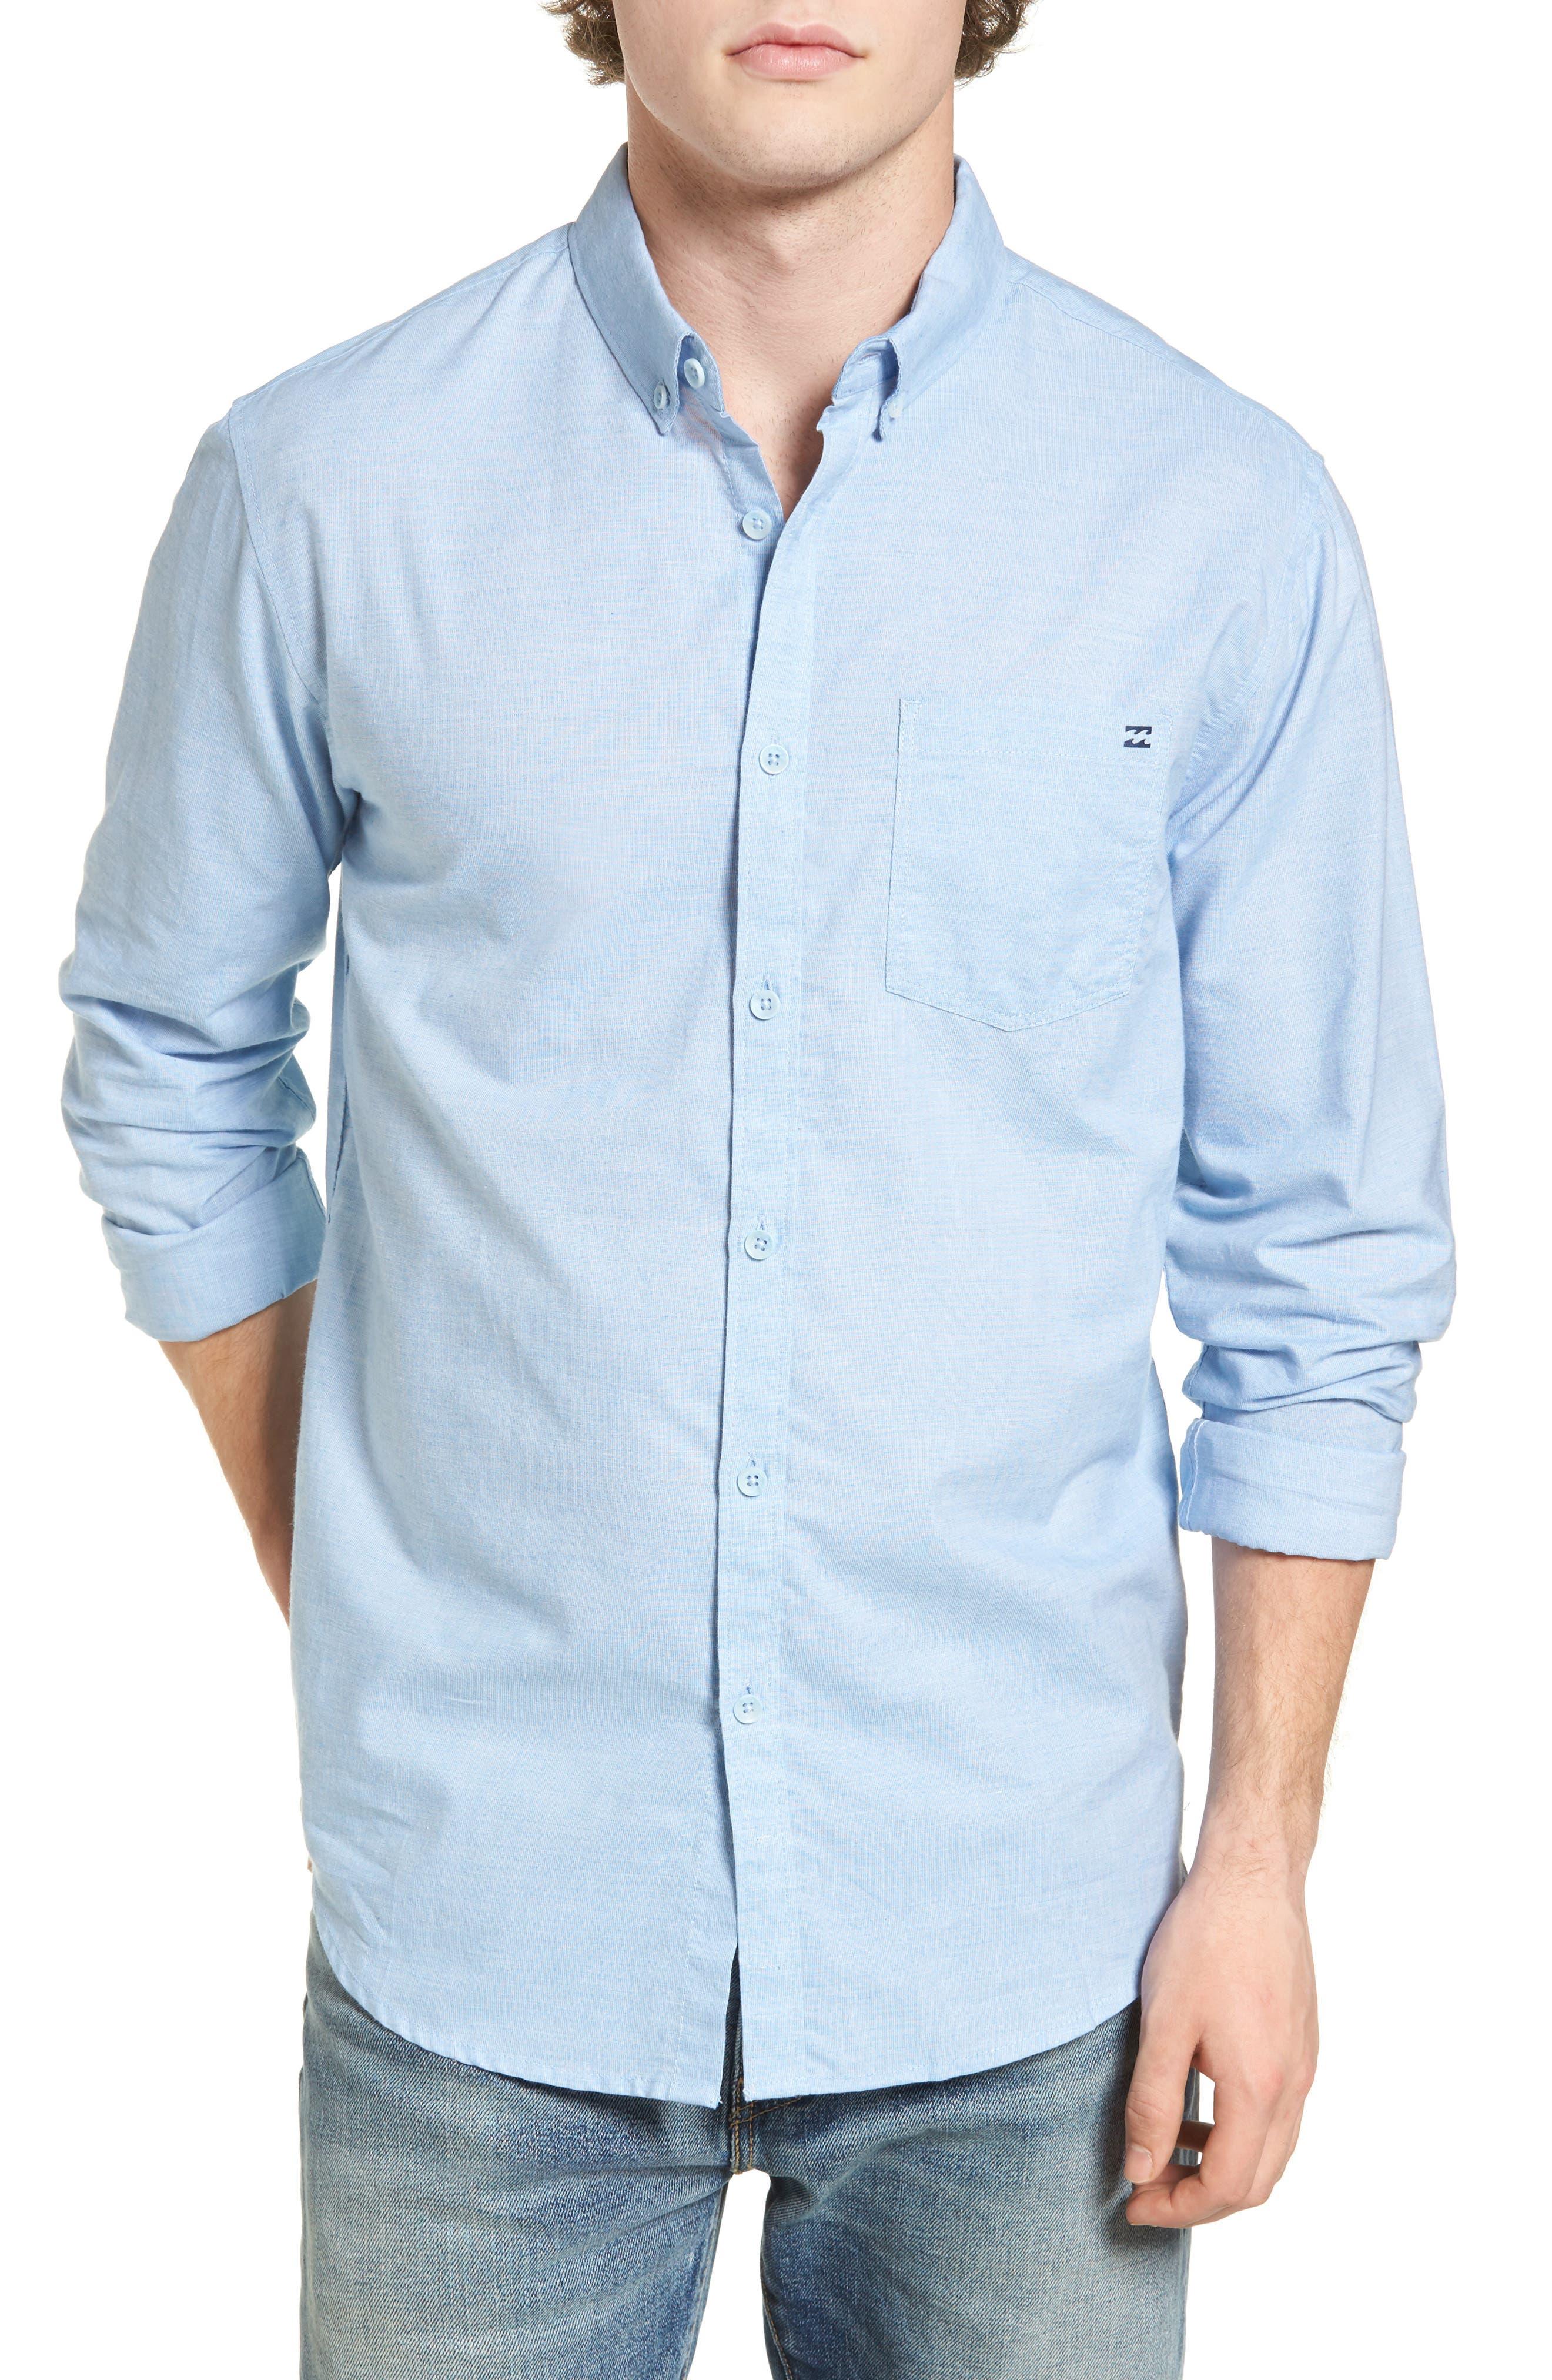 Alternate Image 1 Selected - Billabong All Day Chambray Shirt